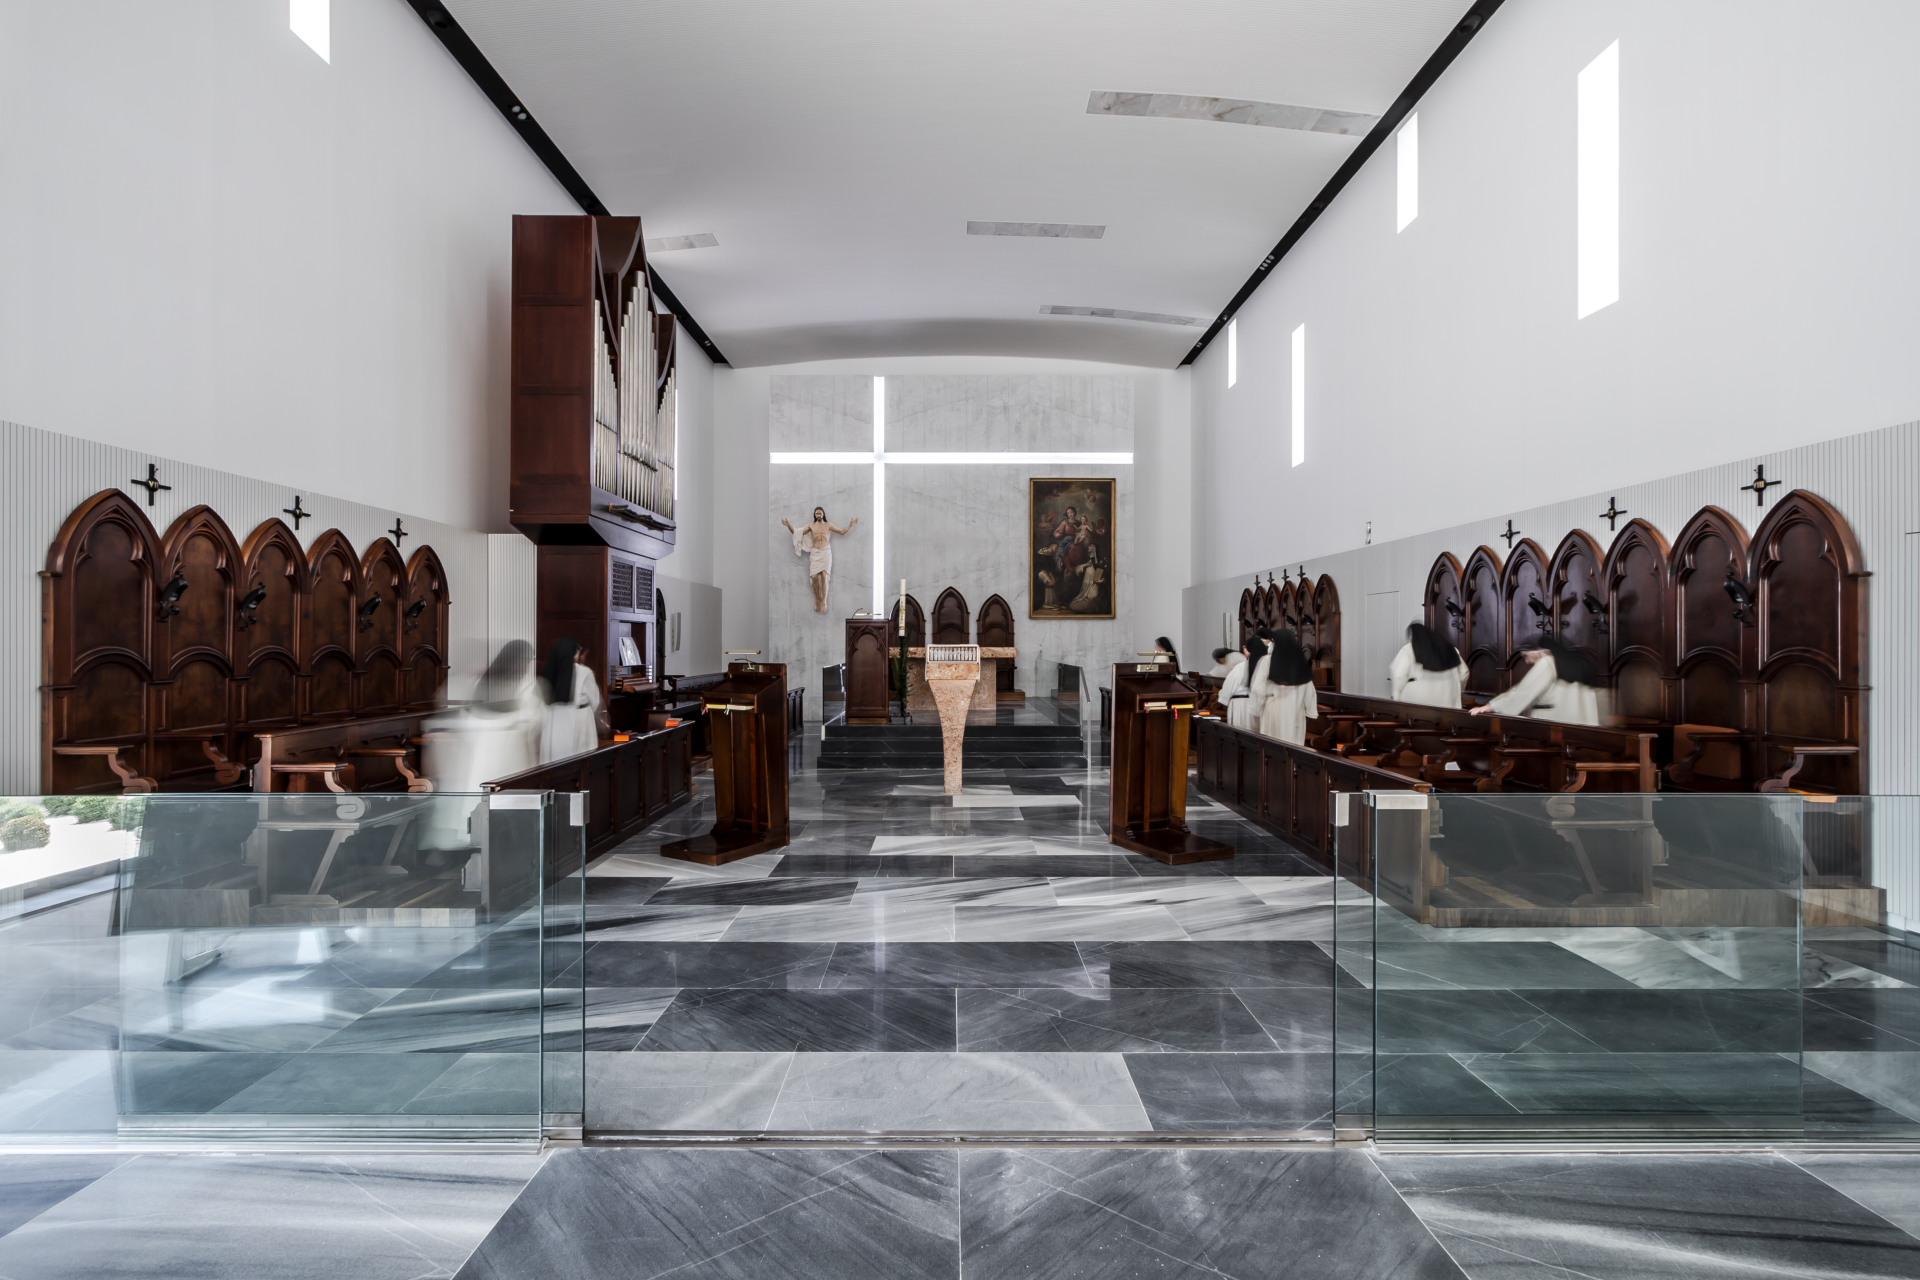 fotografia-arquitectura-valencia-german-cabo-hernandez-monasterio (28)